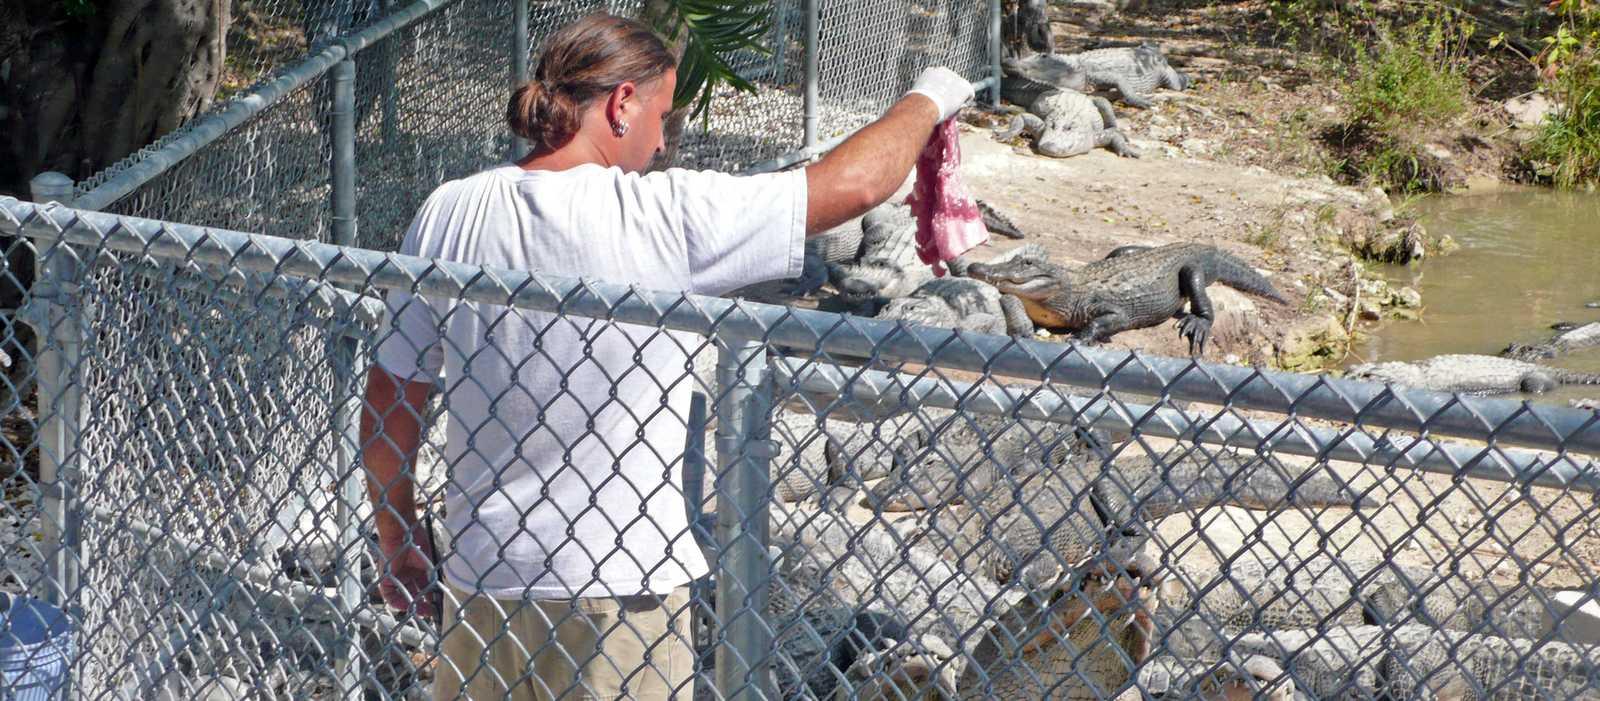 Fuetterung in der Everglades Alligator Farm